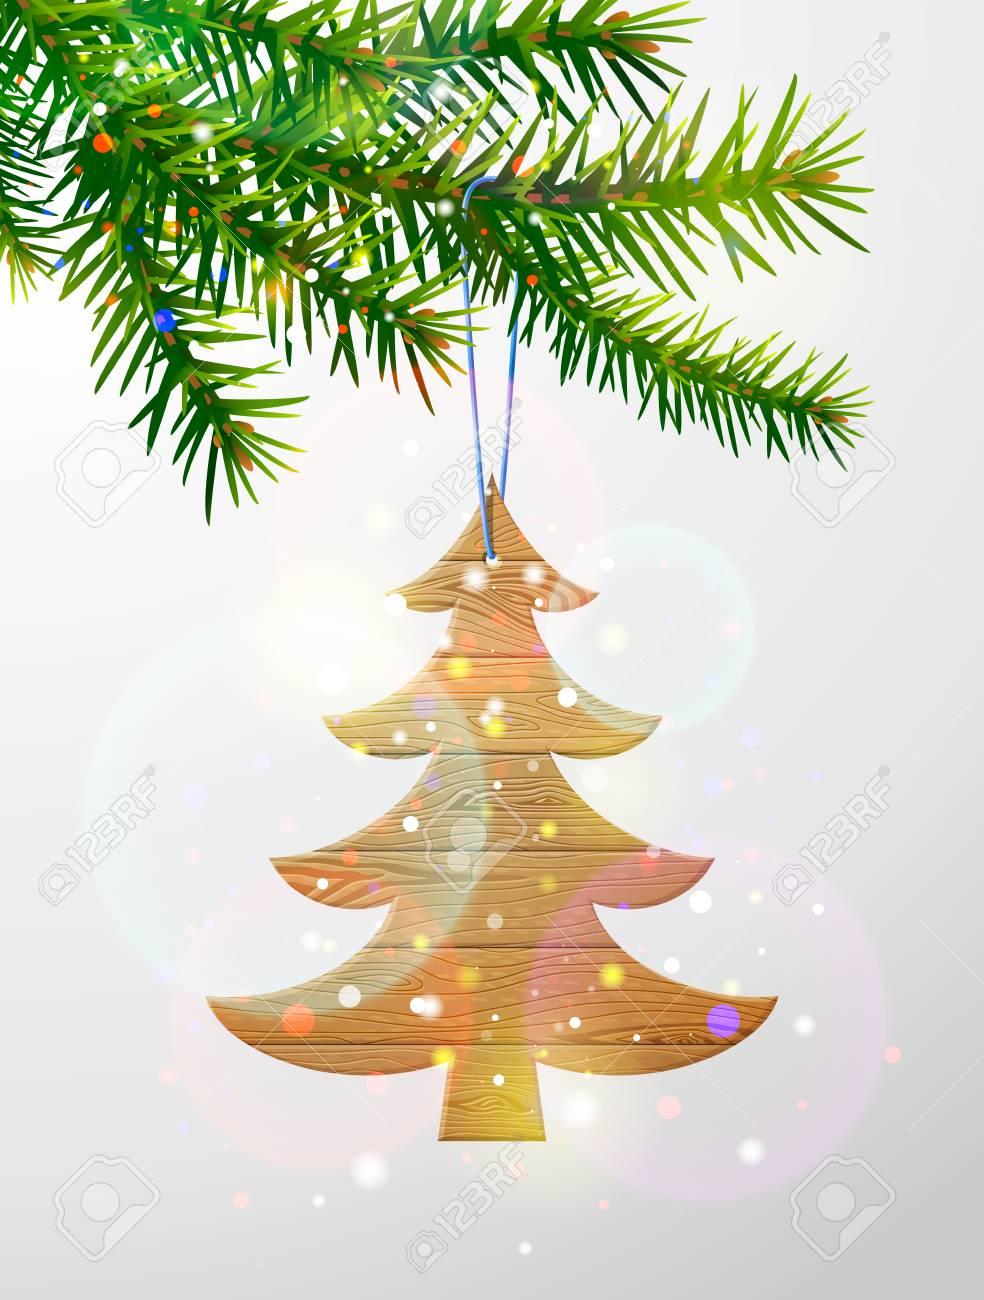 Branche D Arbre Sapin De Noel branche d'arbre de noël avec sapin décoratif en bois. planches de bois en  forme de sapin de noël suspendu à une brindille de pin. image vectorielle